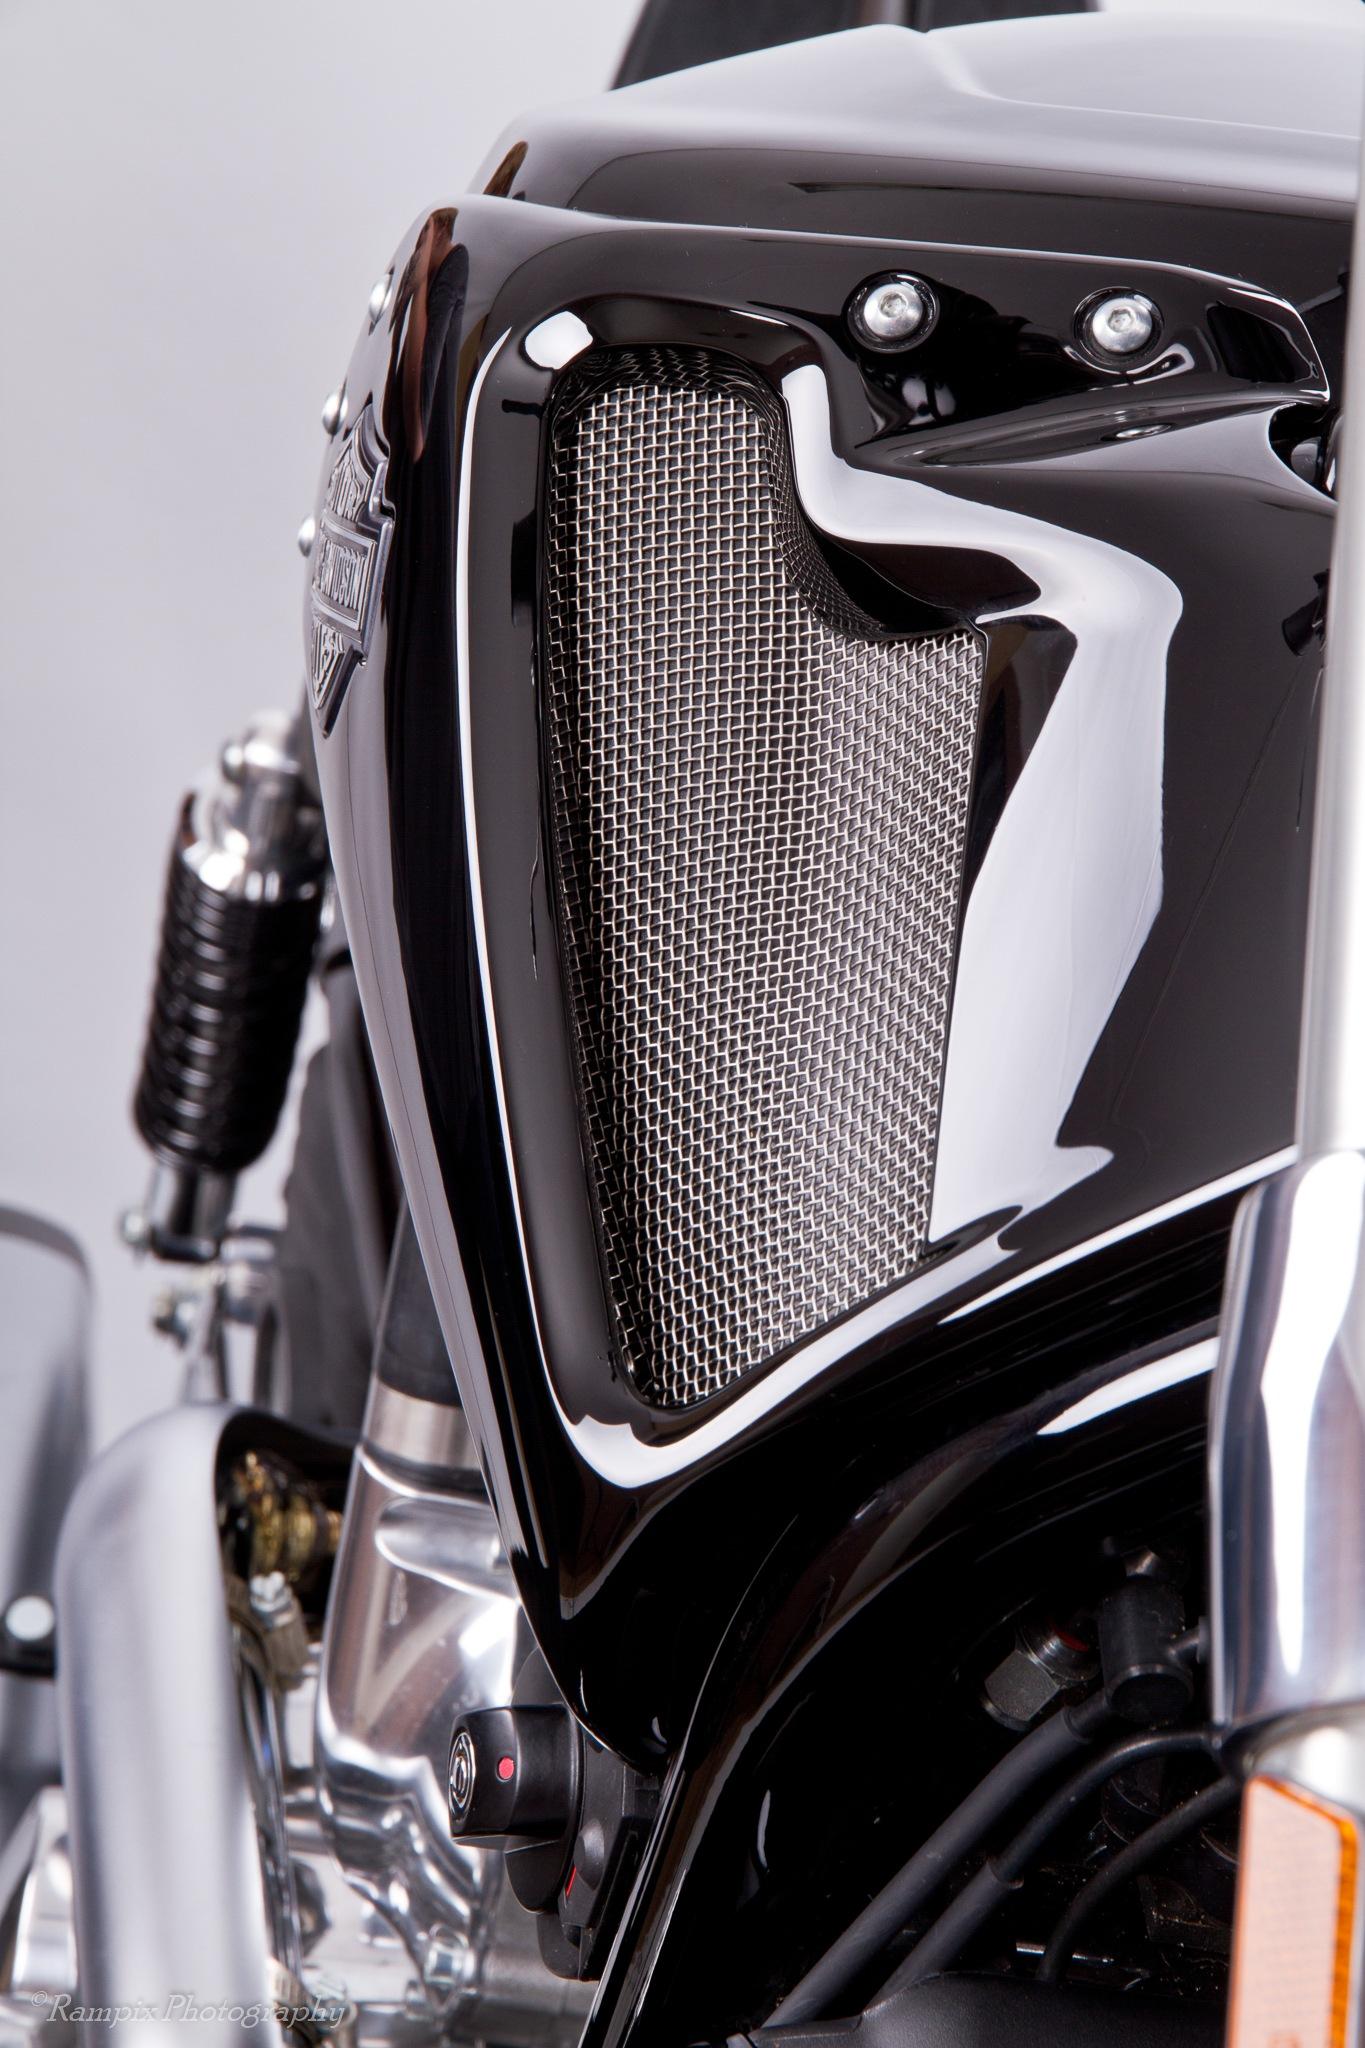 Harley V-ROD by Rampix